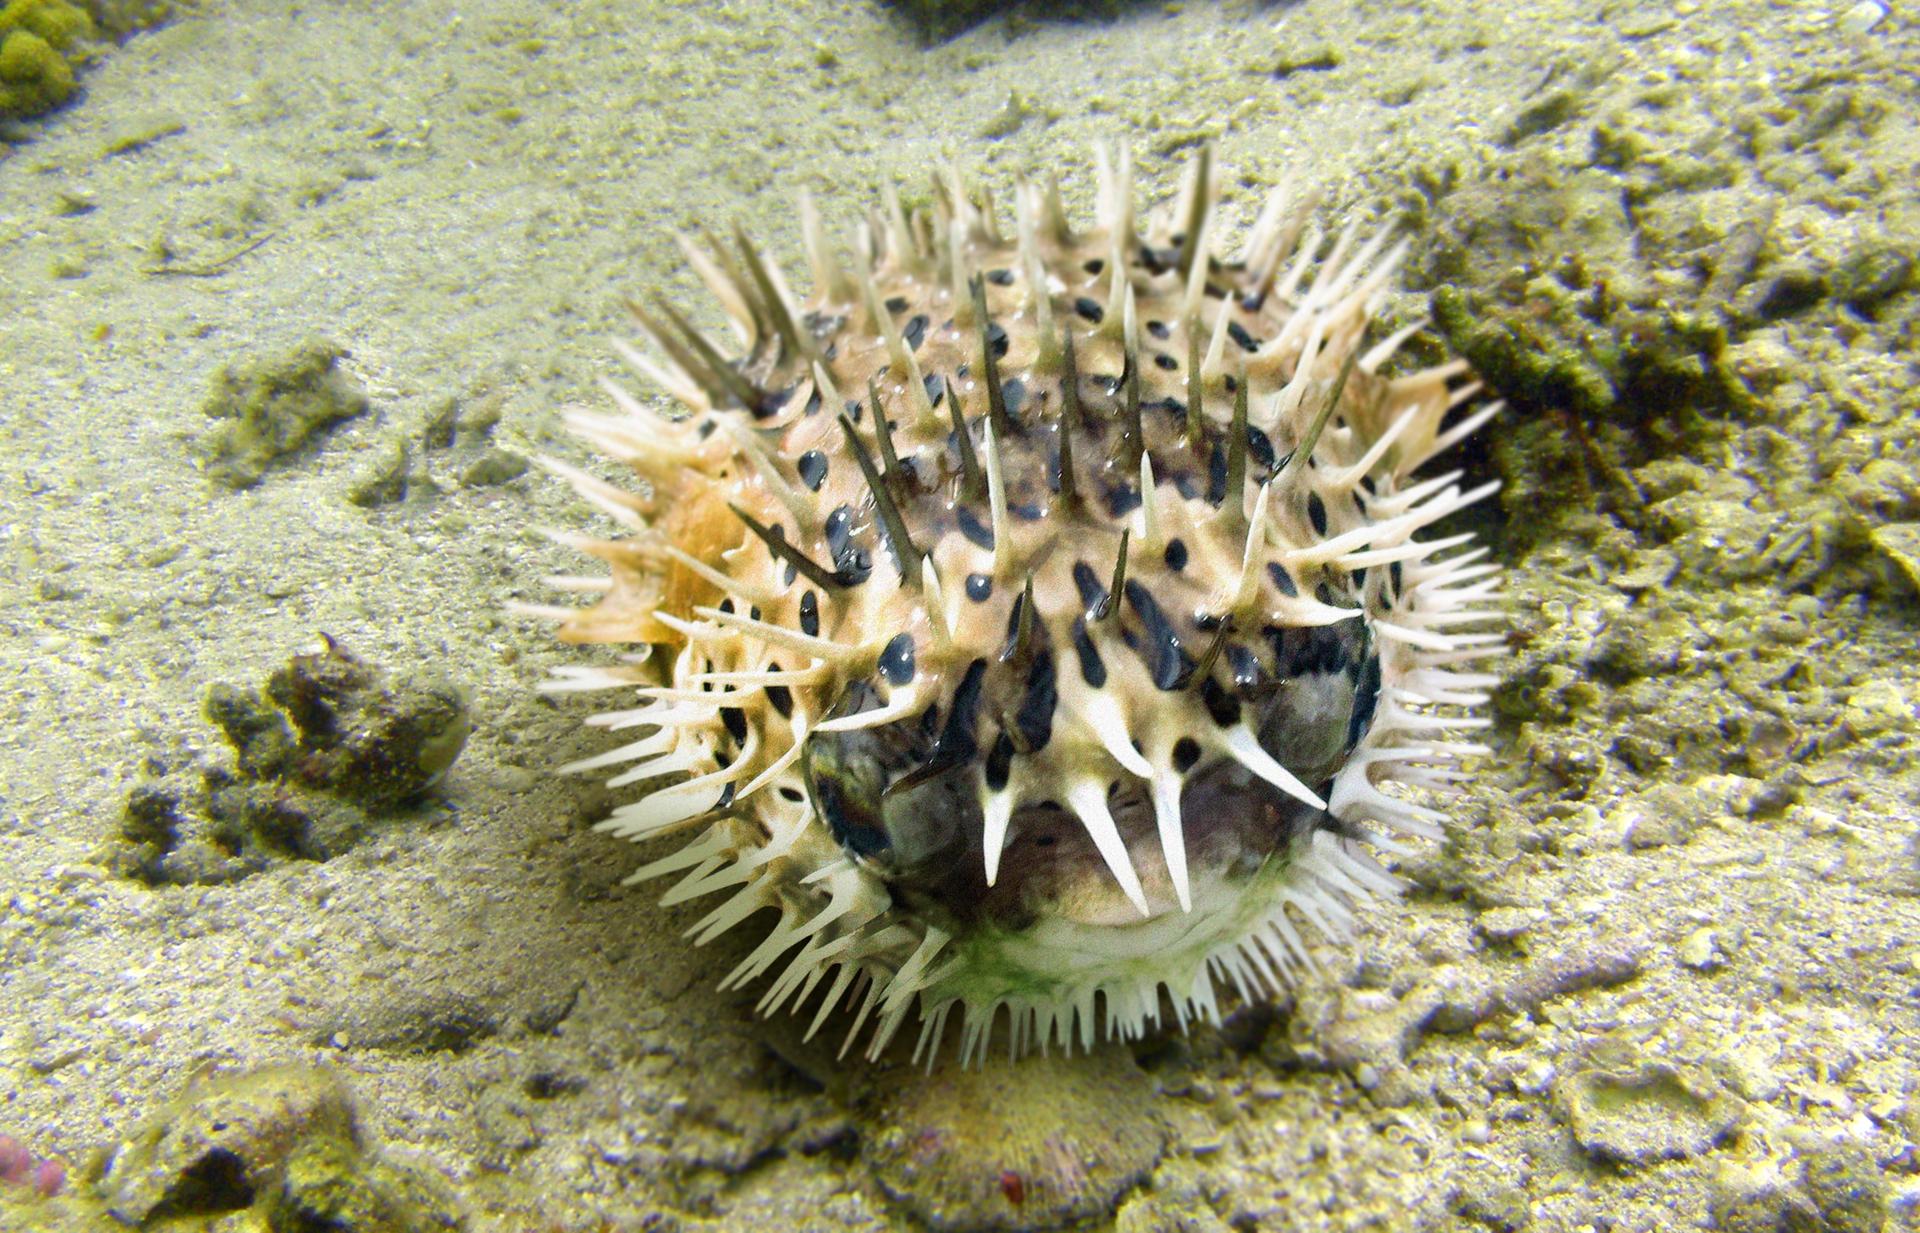 Fotografia przedstawia kulistą najeżkę na dnie oceanu. Ciało białe zkilkoma ciemnobrązowymi plamami, mocno kolczaste. Głowa zprawej, gdyż tam znajduje się duże oko. Delikatna beżowa płetwa na środku kuli.